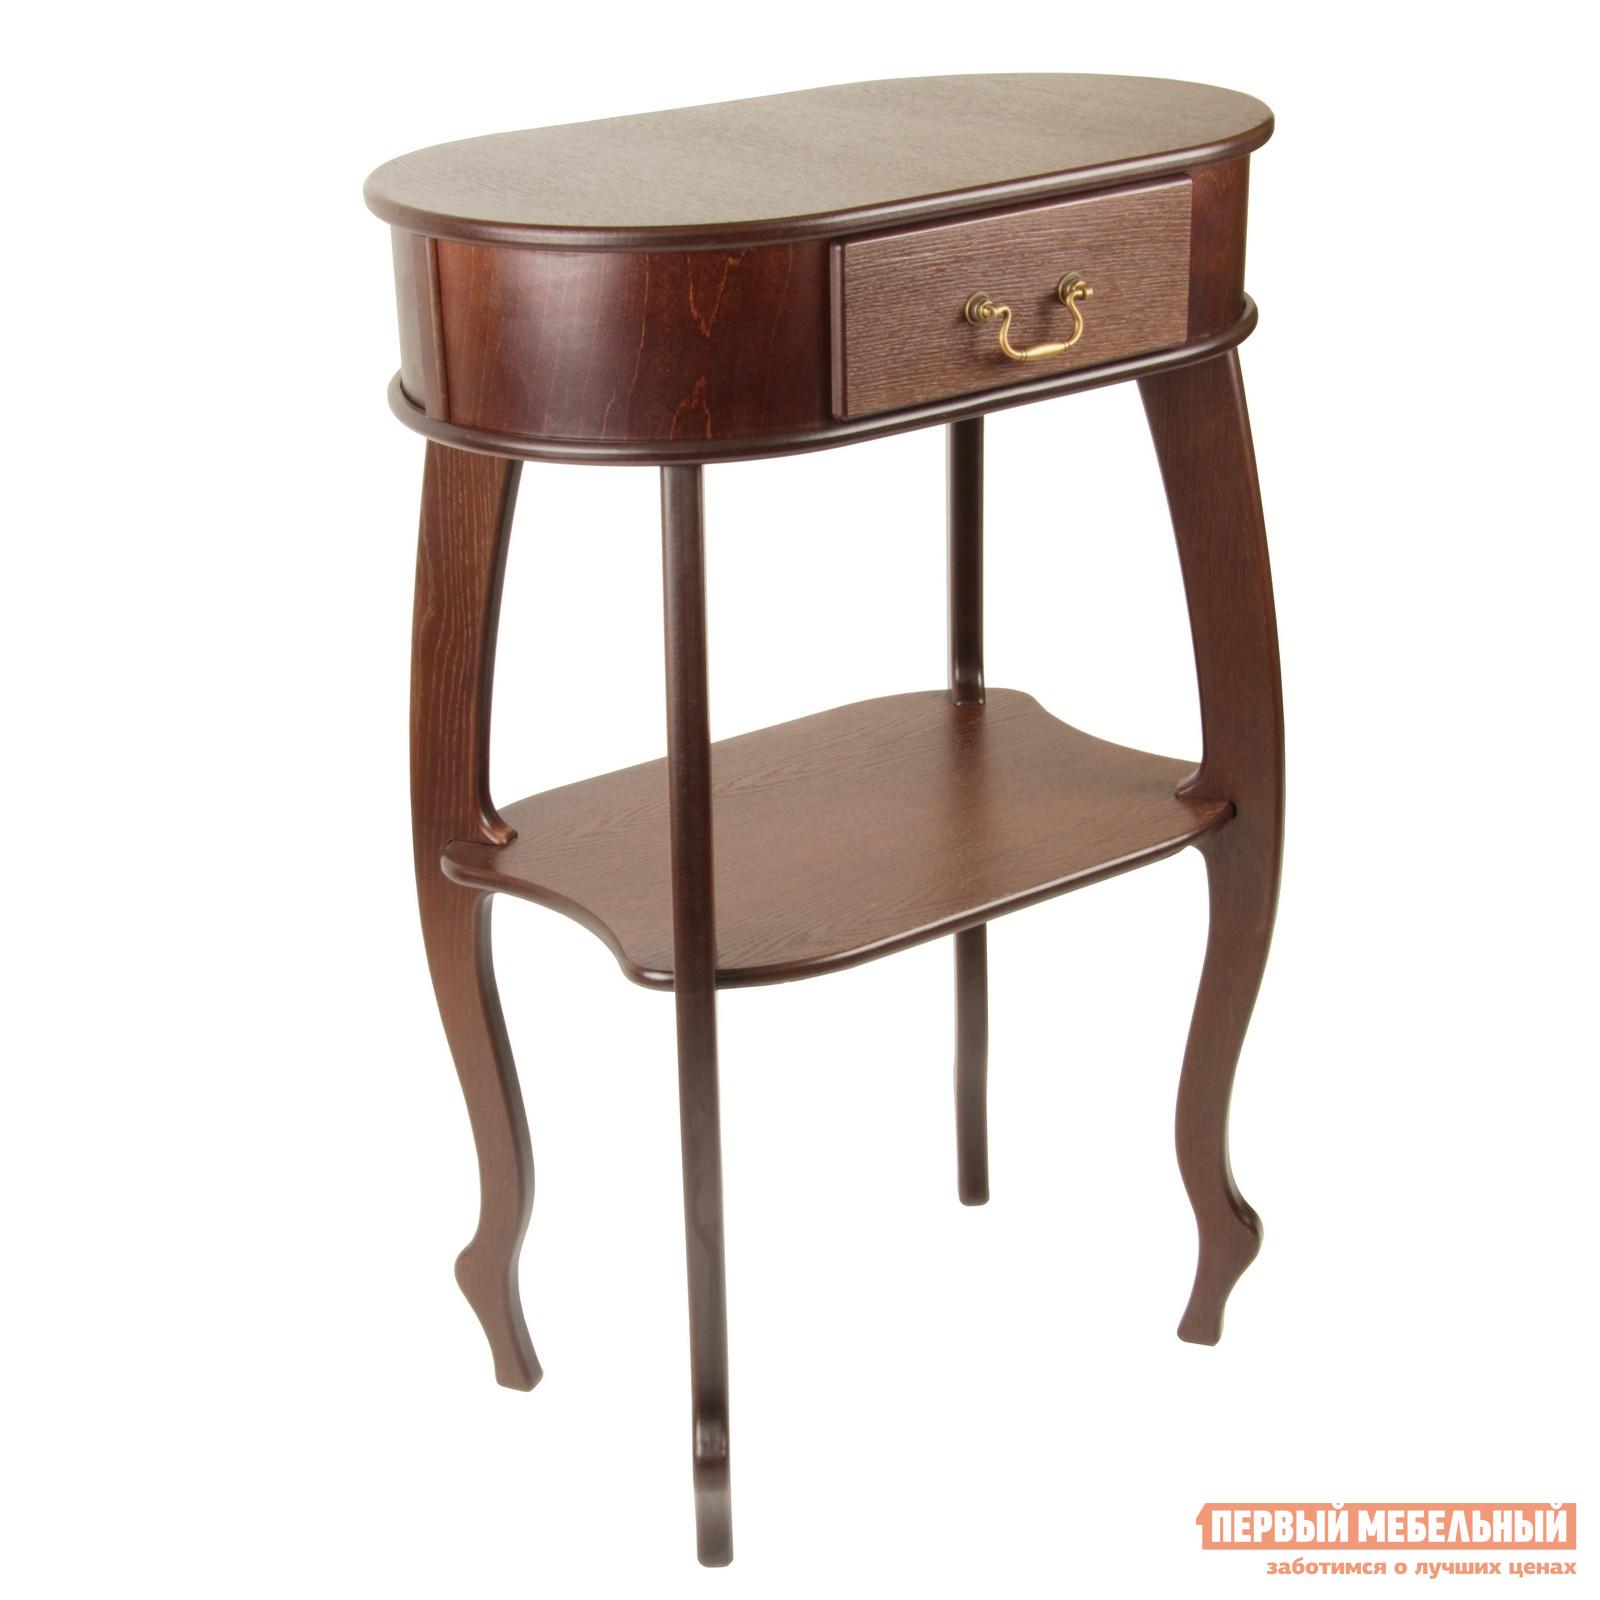 Консоль Мебелик Берже 18 Темно-коричневыйКонсоли<br>Габаритные размеры ВхШхГ 1010x710x410 мм. Элегантная консоль, исполненная в классическом стиле, прекрасно подойдет и для прихожей, и для будуара. Легкая изящная конструкция дополнена винтажной фурнитурой. Изделие можно использовать и как подставку для большой вазы, и как столик для телефона. Модель изготовлена из массива бука и МДФ со шпоном дуба. Поставляется в собранном виде.<br><br>Цвет: Темно-коричневый<br>Цвет: Коричневое дерево<br>Высота мм: 1010<br>Ширина мм: 710<br>Глубина мм: 410<br>Кол-во упаковок: 1<br>Форма поставки: В собранном виде<br>Срок гарантии: 24 месяца<br>Тип: Напольные, Консоль-тумба<br>Назначение: Для спальни, В прихожую<br>Материал: из МДФ, из массива дерева<br>Порода дерева: из бука, из дуба<br>Форма: Овальные<br>Размер: Маленькие<br>Особенности: С ящиками, На ножках, С полками<br>Стиль: Модерн, Прованс